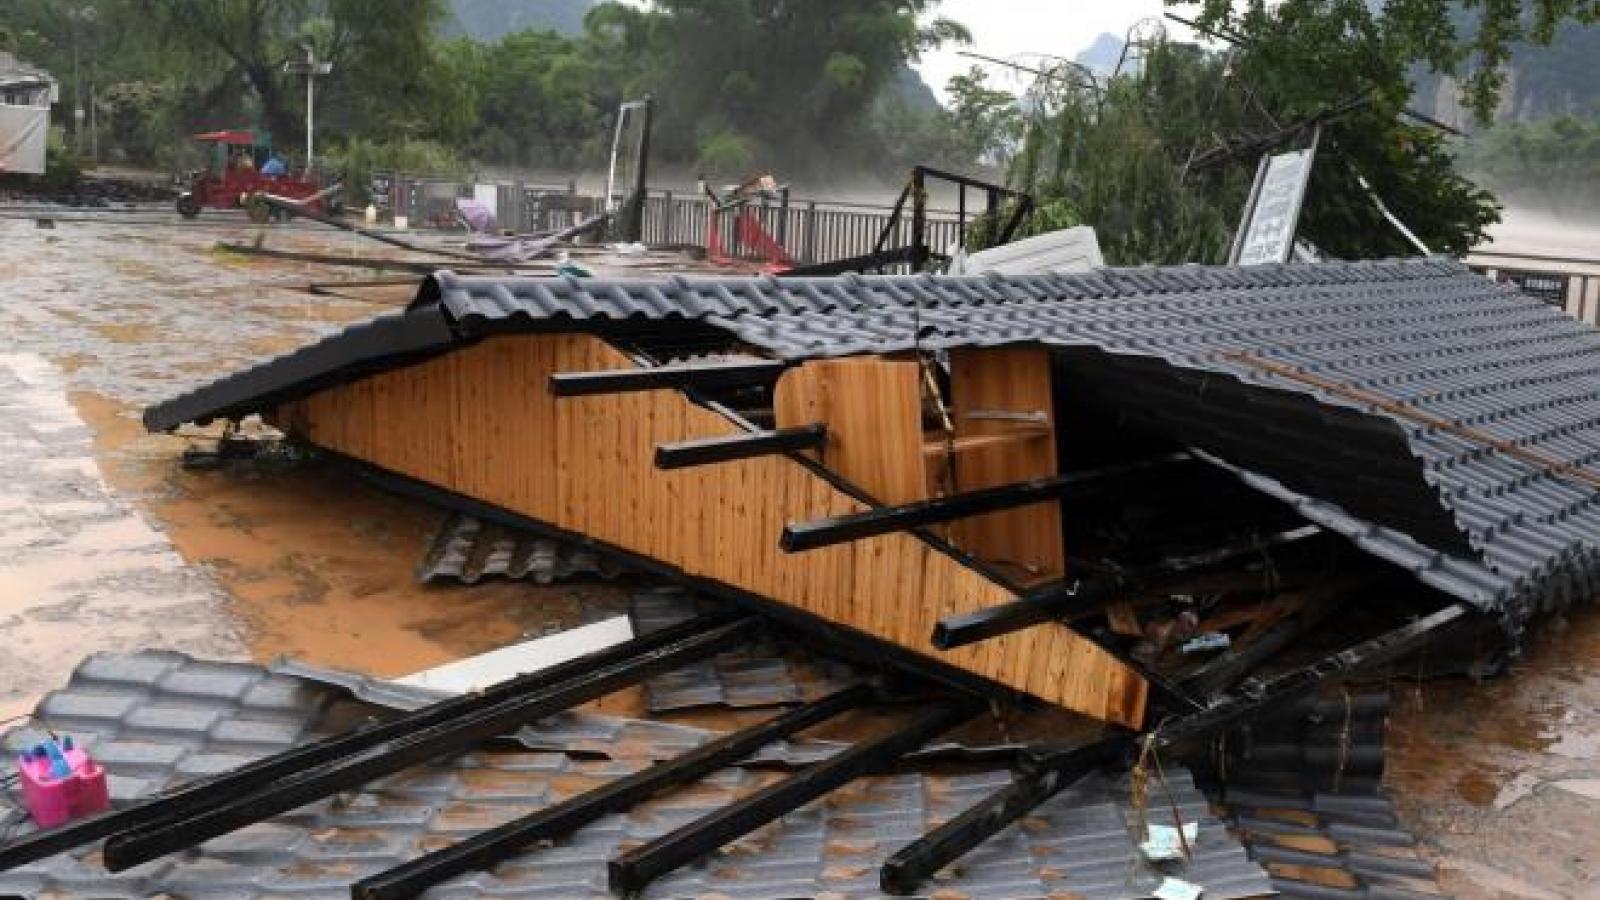 Lũ lụt hoành hành khủng khiếp, Trung Quốc tiếp tục nâng cảnh báo khẩn cấp